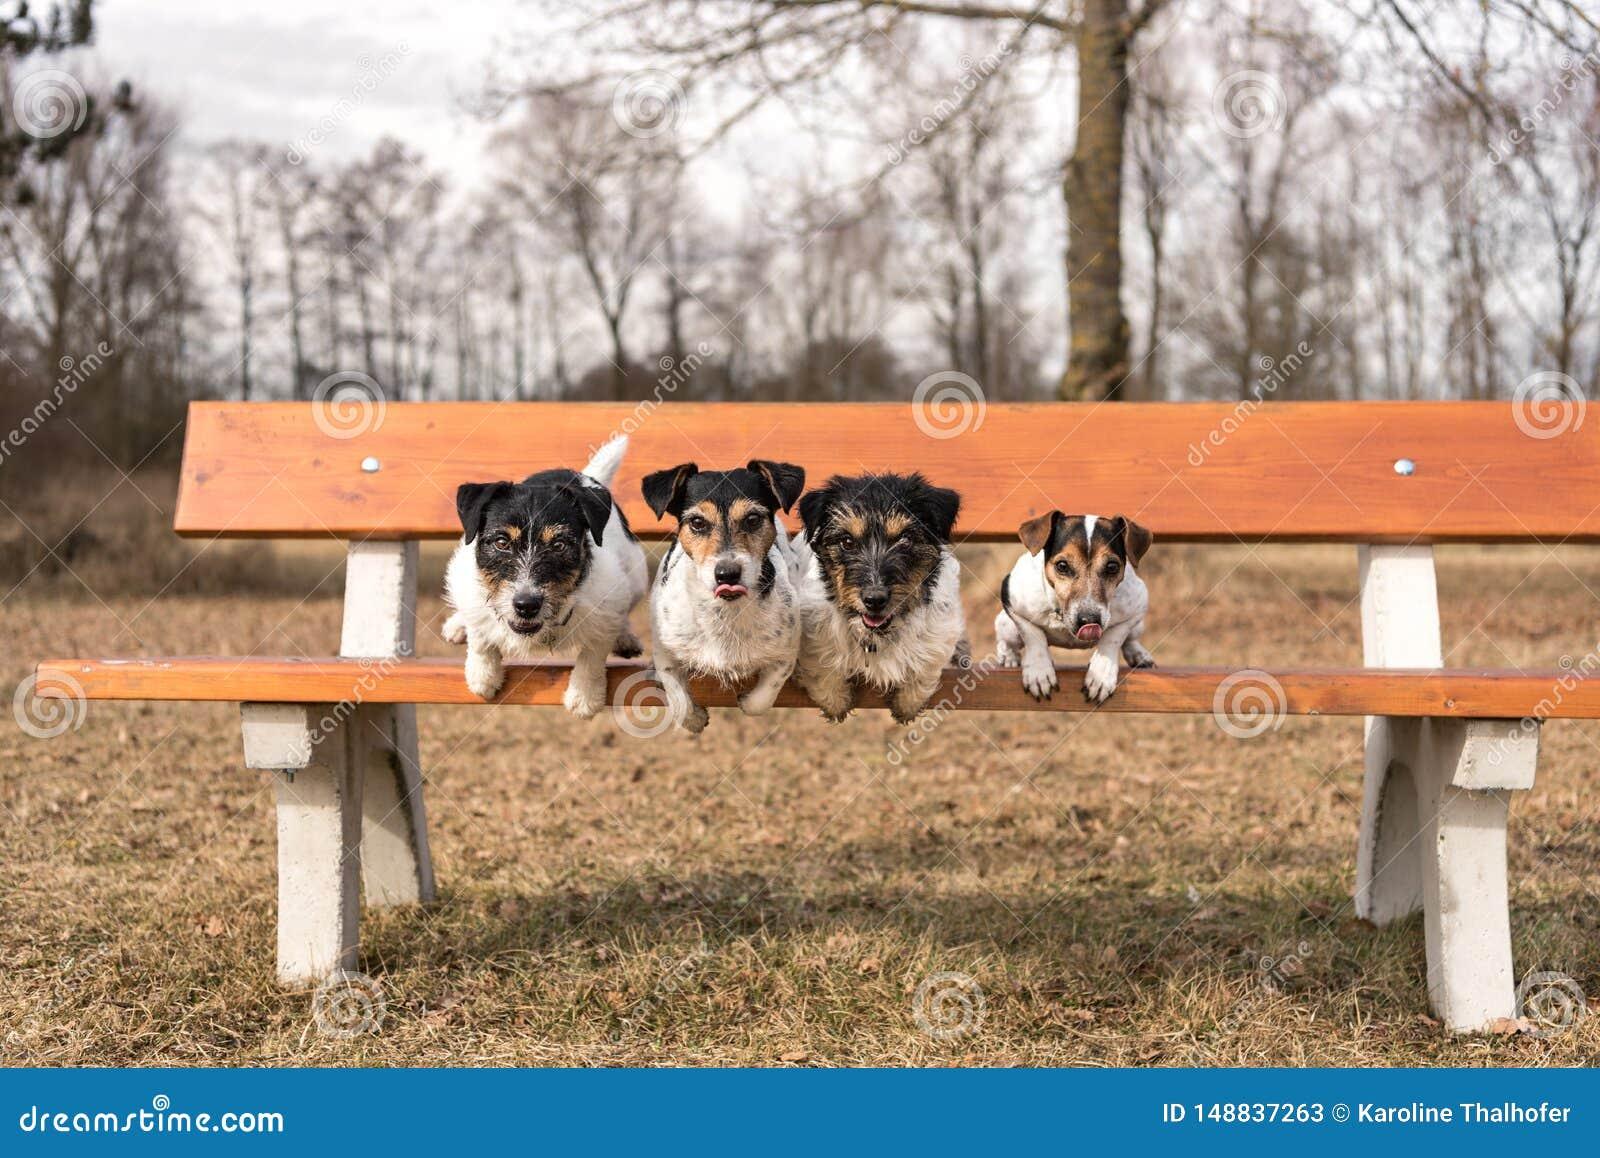 Cuatro perros que saltan de un banco de parque - terrier de Russell del enchufe